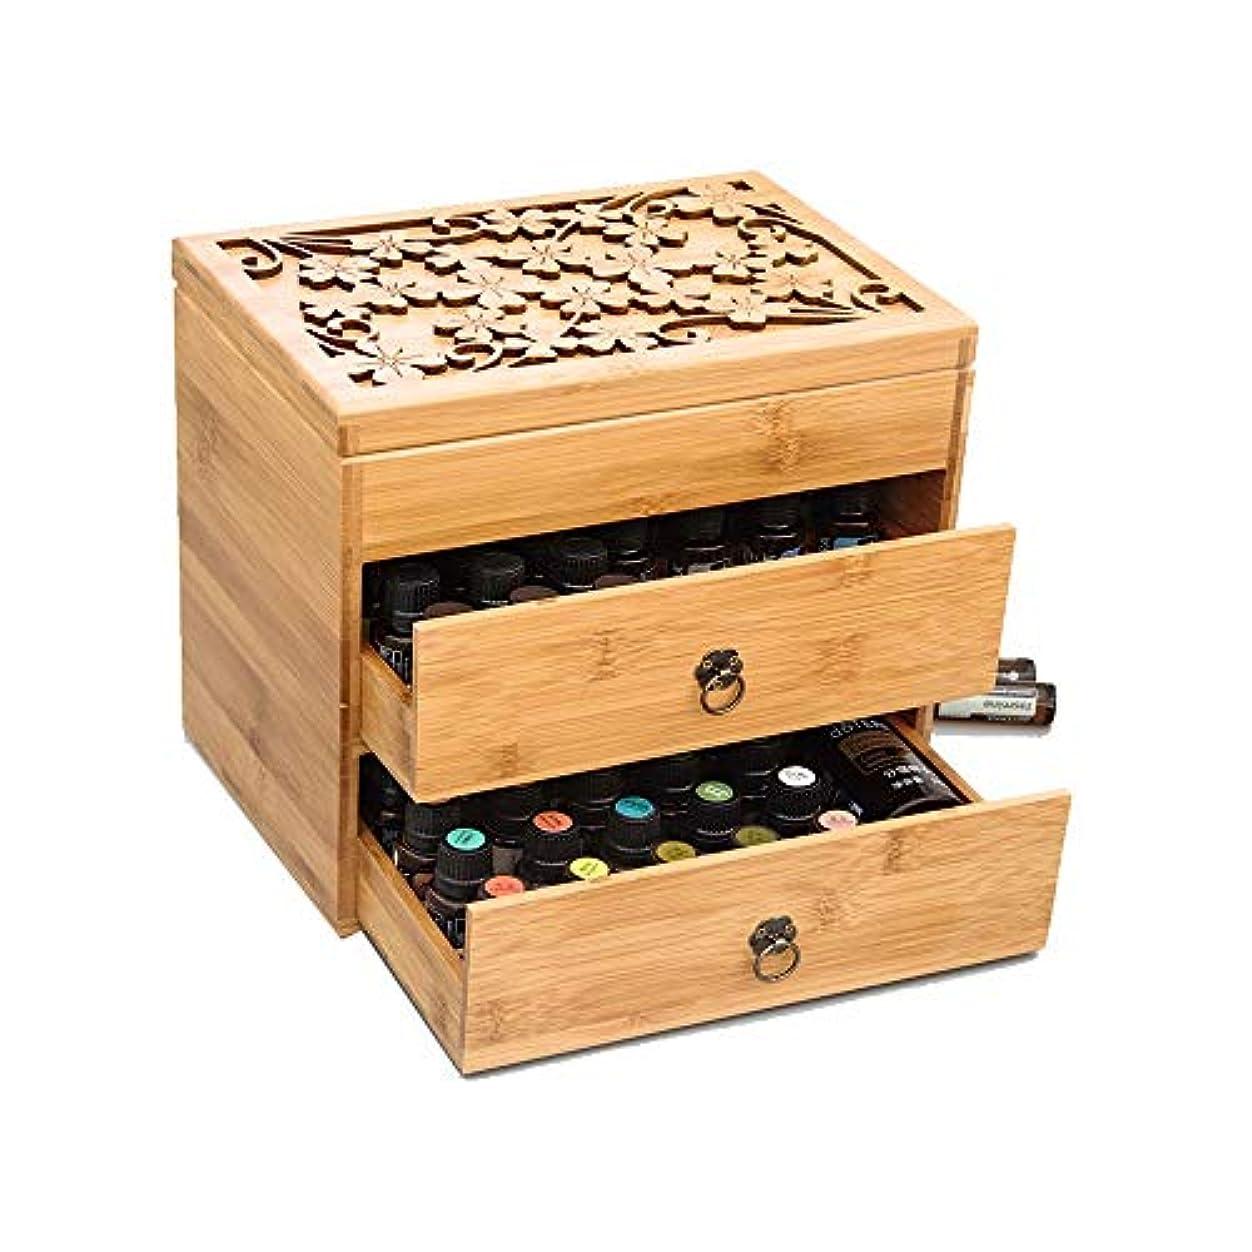 カビ微生物書士3ティアエッセンシャルオイルボックス木製収納ケースは、エレガントな装飾的なデザインでは5、10&15ミリリットルボトルを保護します アロマセラピー製品 (色 : Natural, サイズ : 26X18X24.5CM)